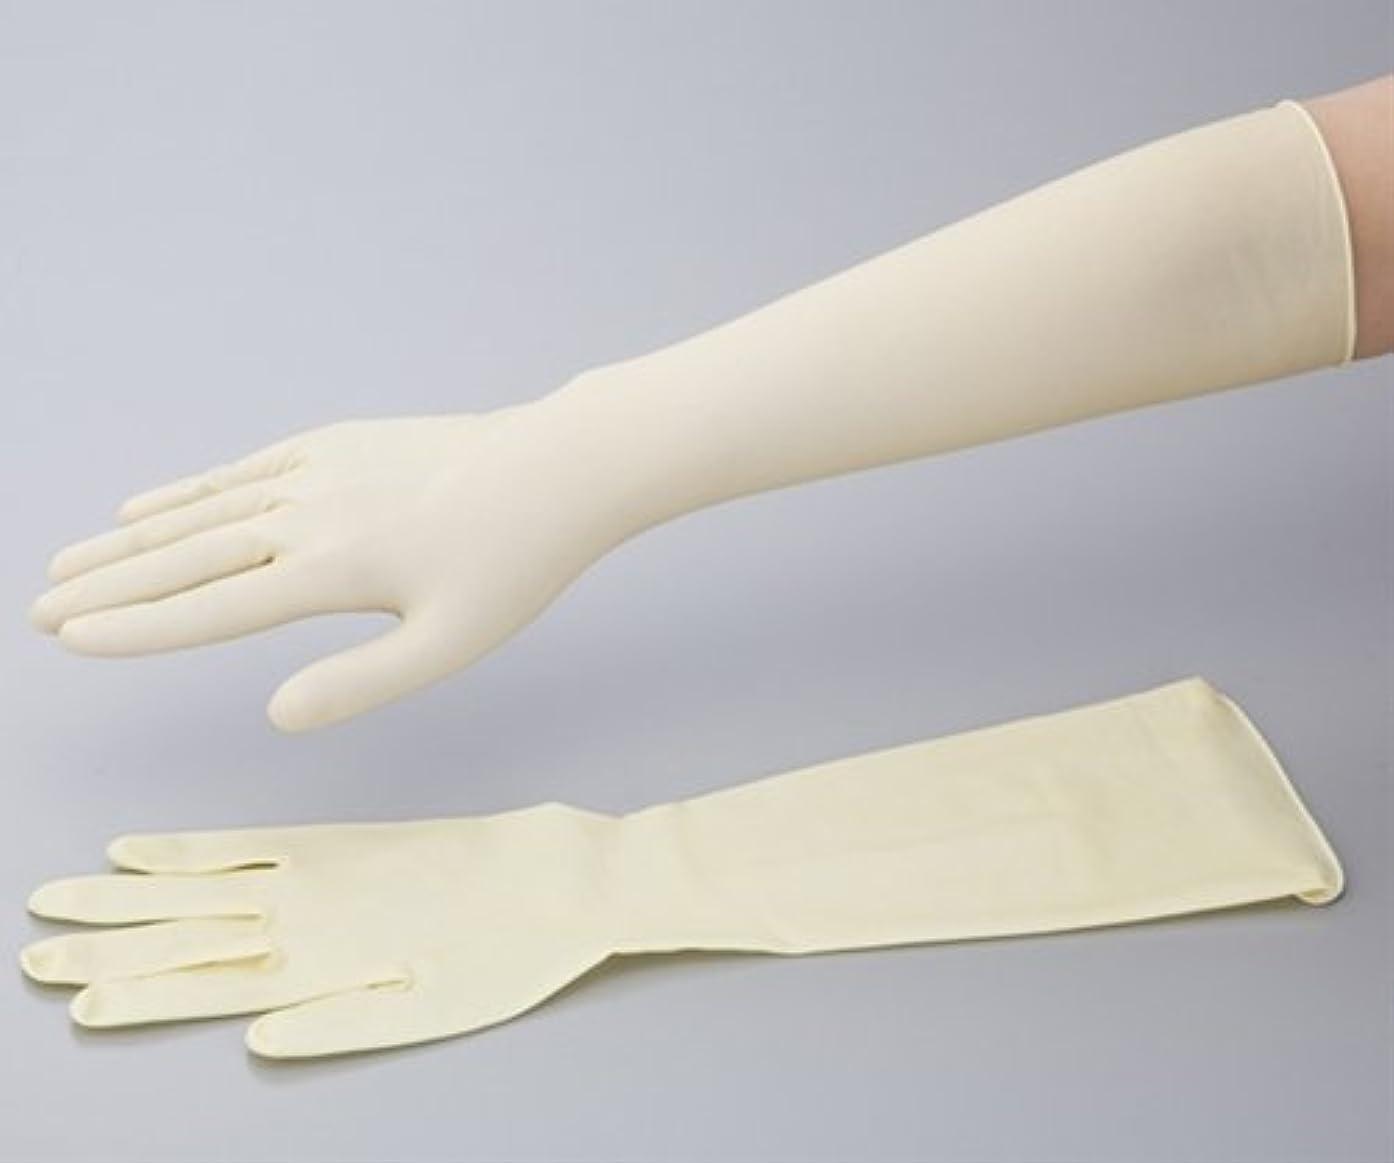 やるバイオリンアトラスラテックスロング手袋(スーパーロング)γ線滅菌済 S 50枚入り /0-6111-03